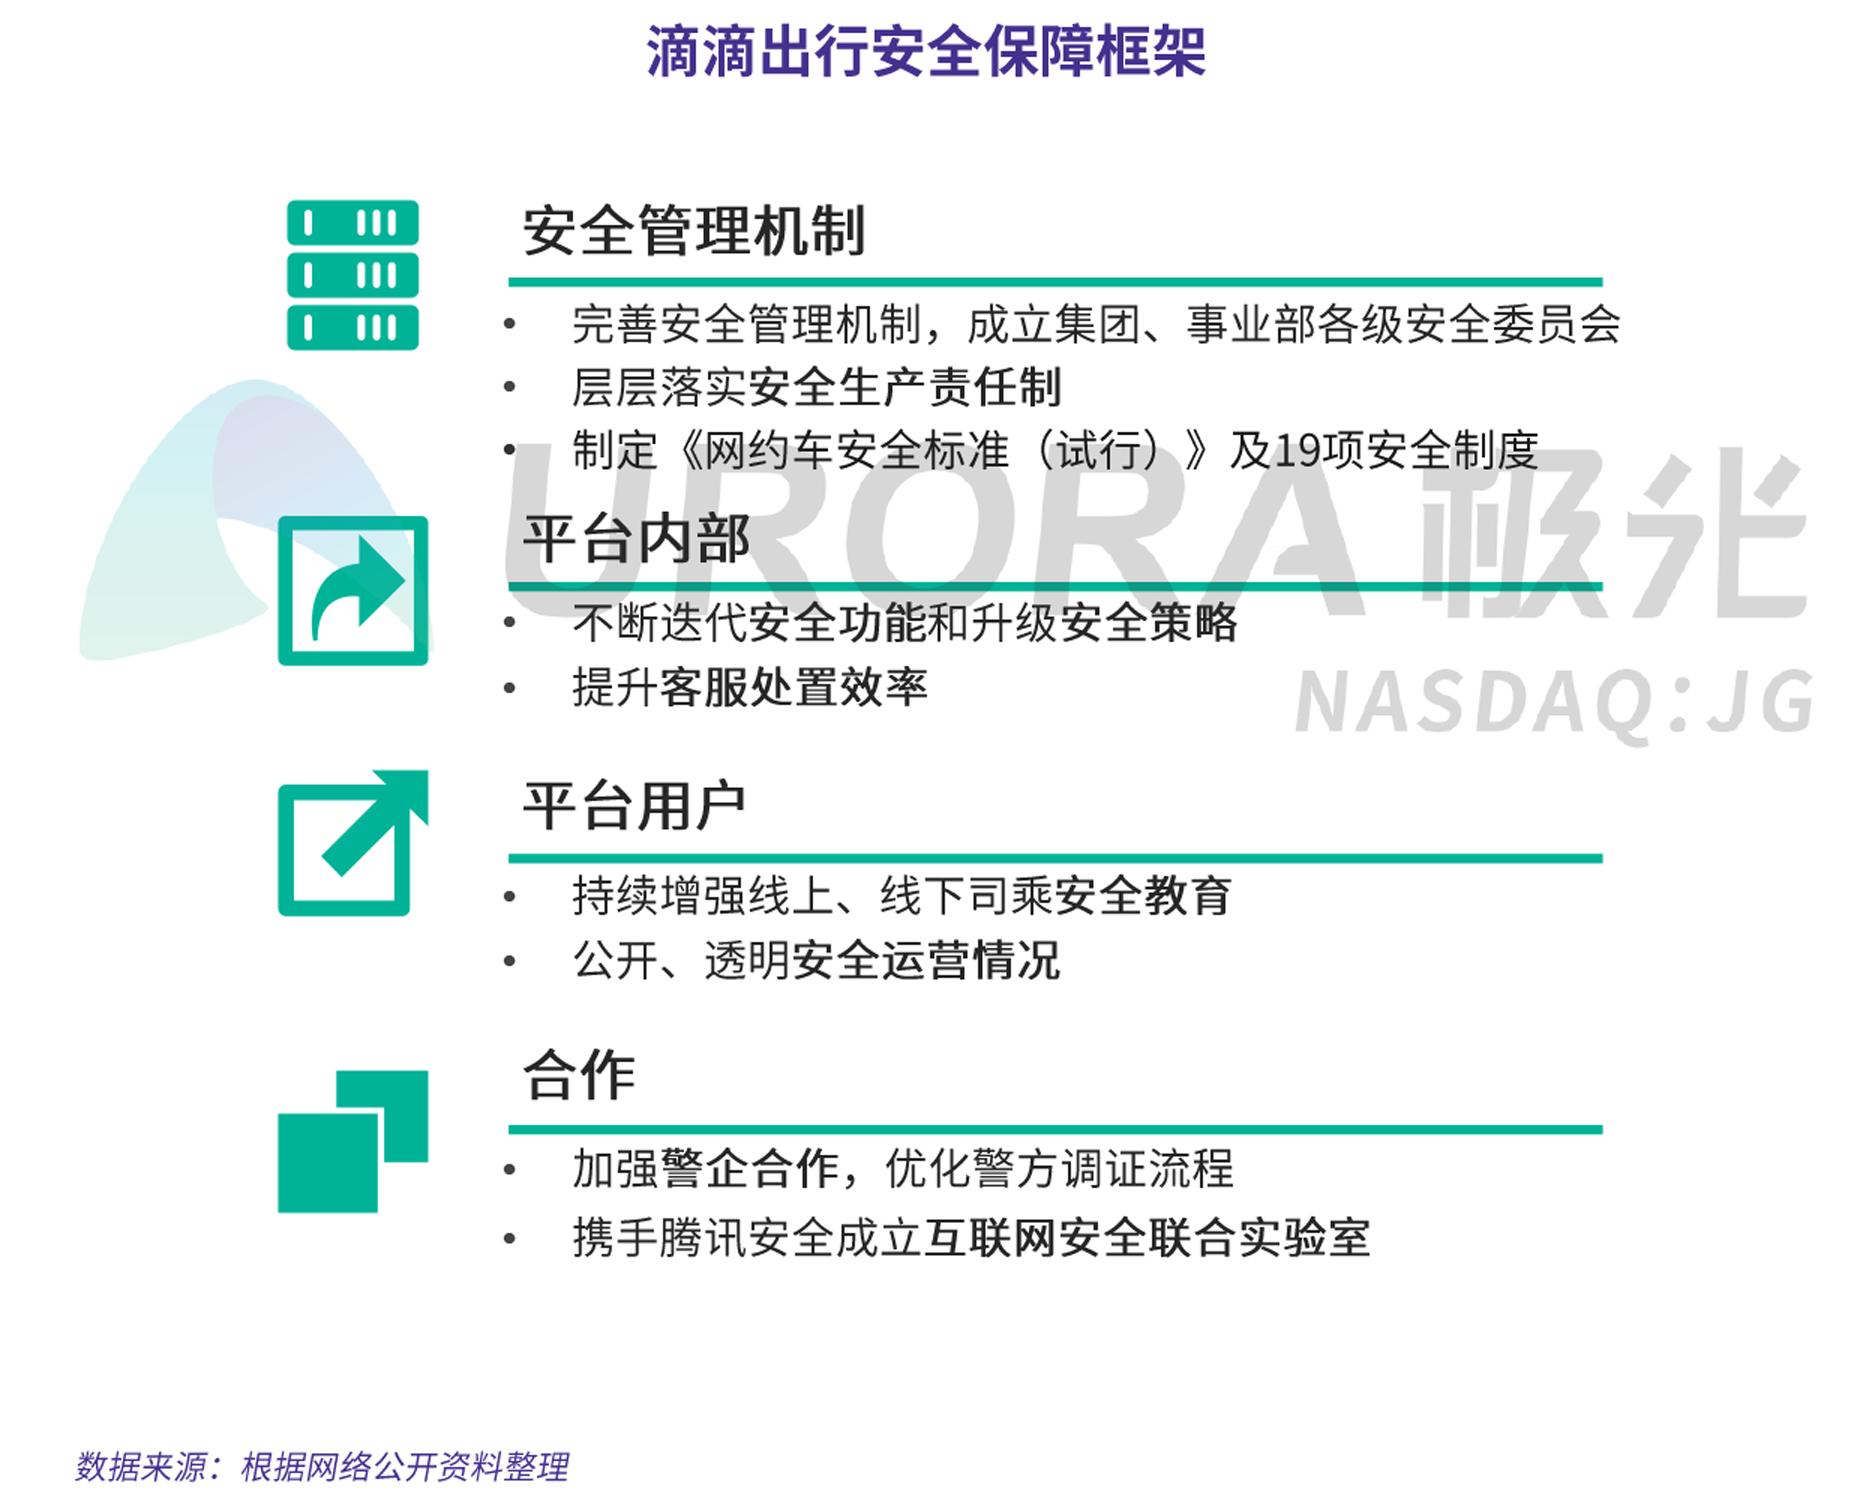 JIGUANG-网约车出行安全用户信心研究-新版-V4-6.png